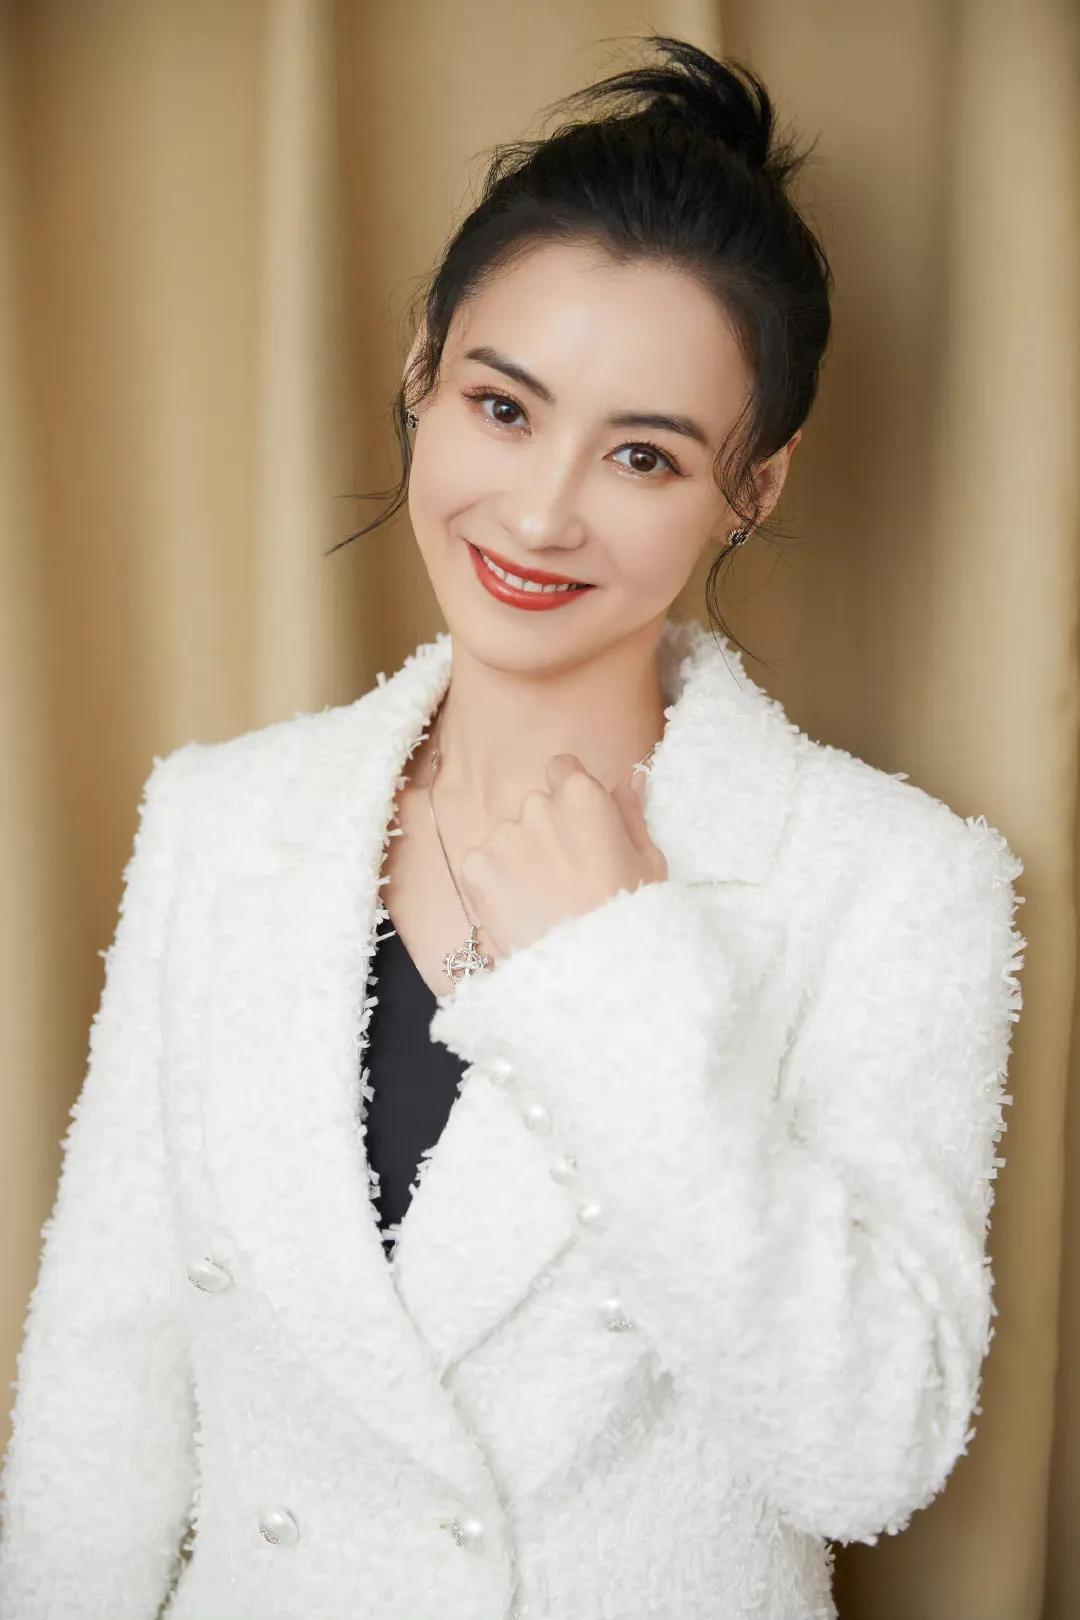 网友偶遇张柏芝大赞真人太美,高糊镜头难掩美貌,星范十足